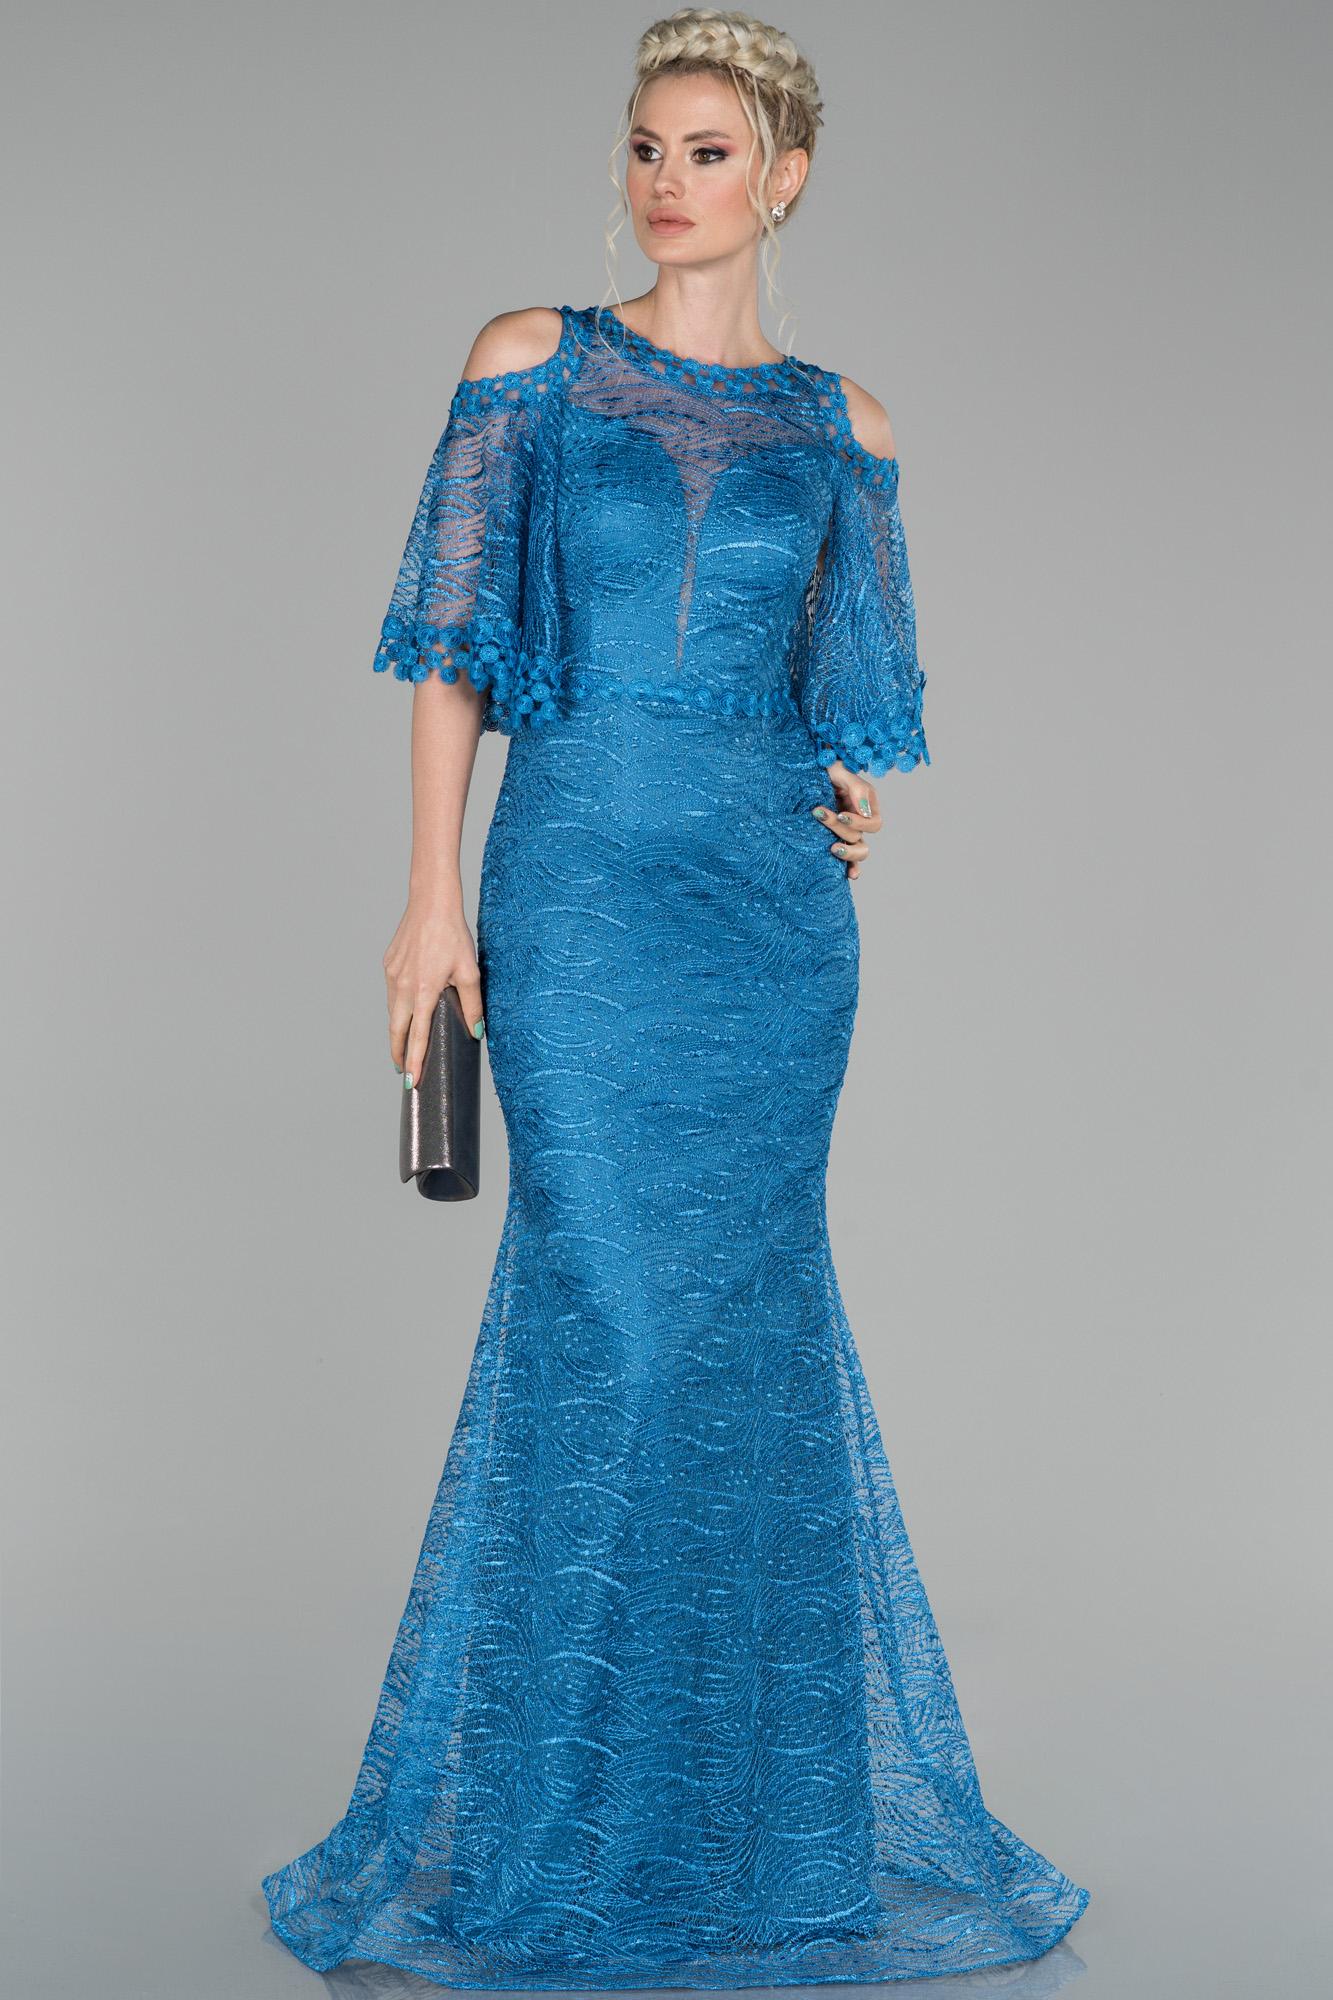 Indigo Uzun Kol Detaylı Güpür Abiye Elbise